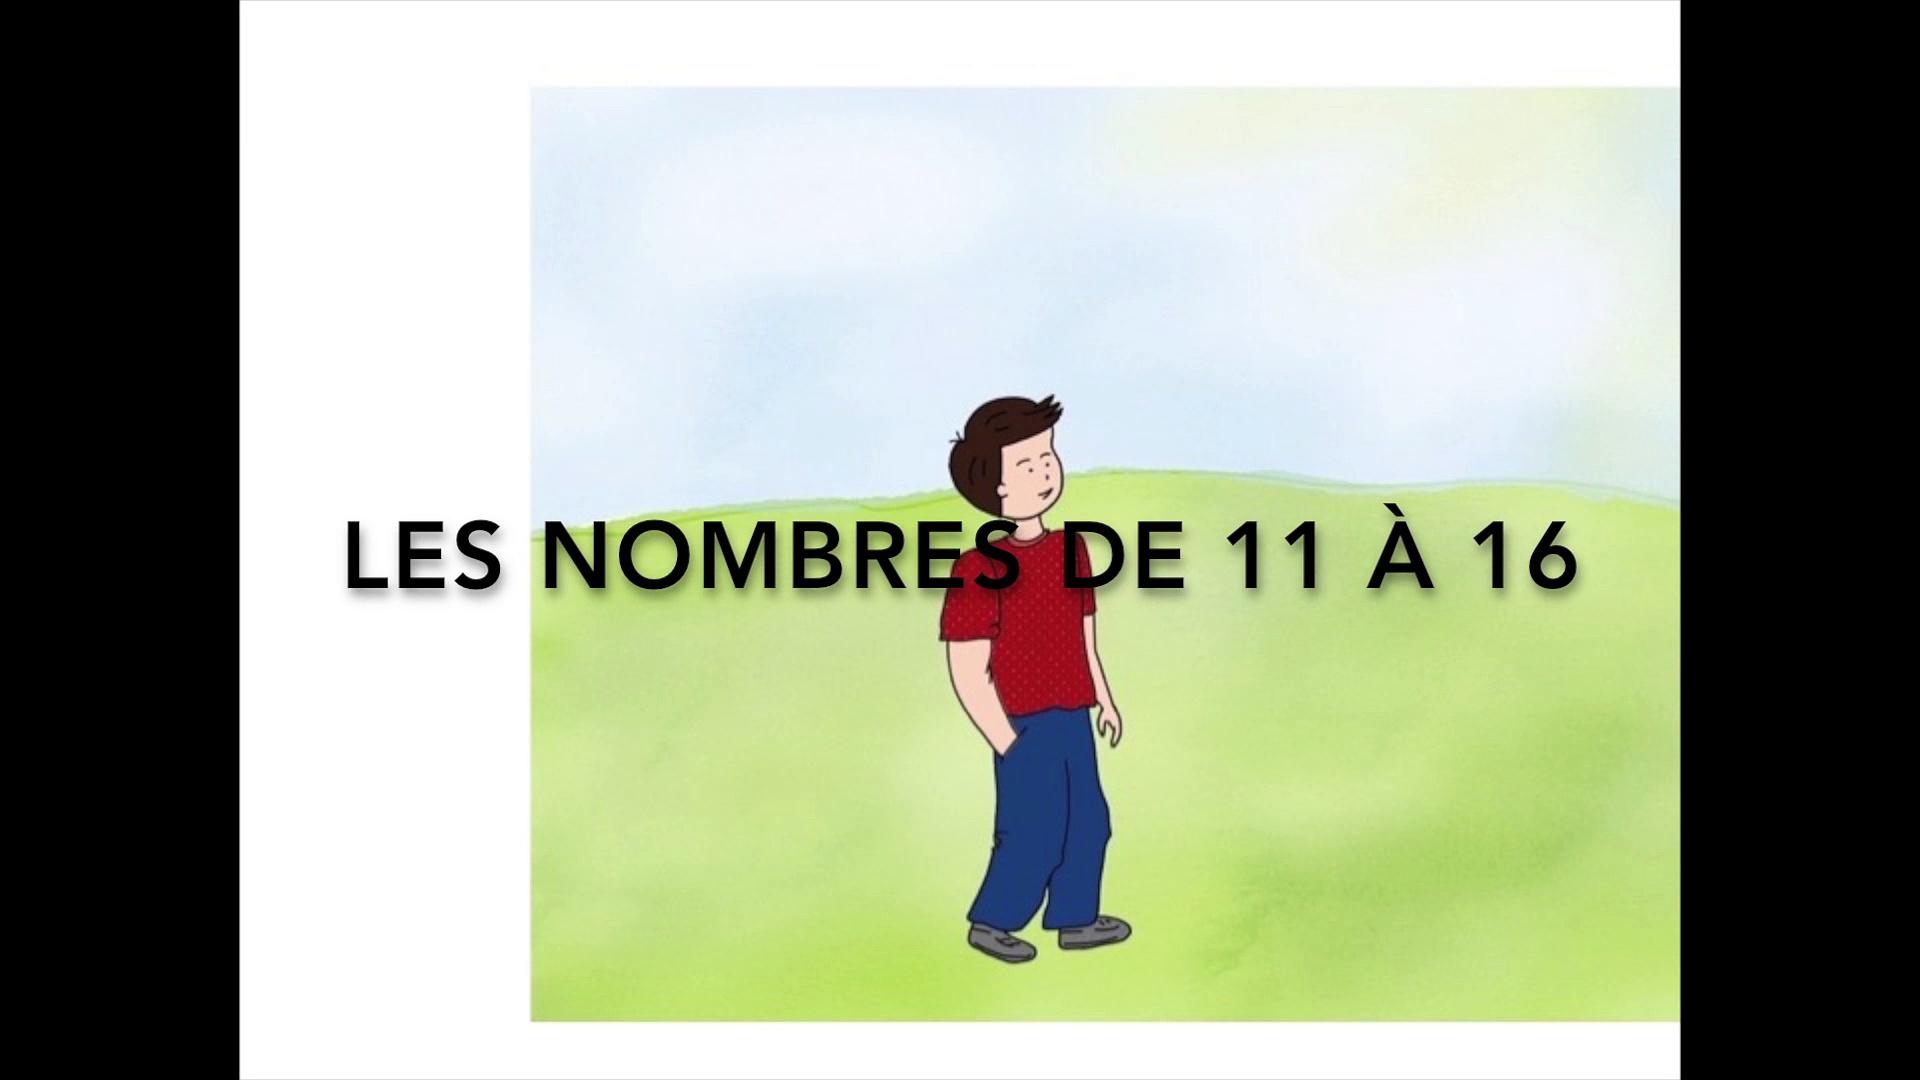 Une Comptine Pour Apprendre Les Nombres De 11 À 16 dedans Chanson Des Chiffres En Français